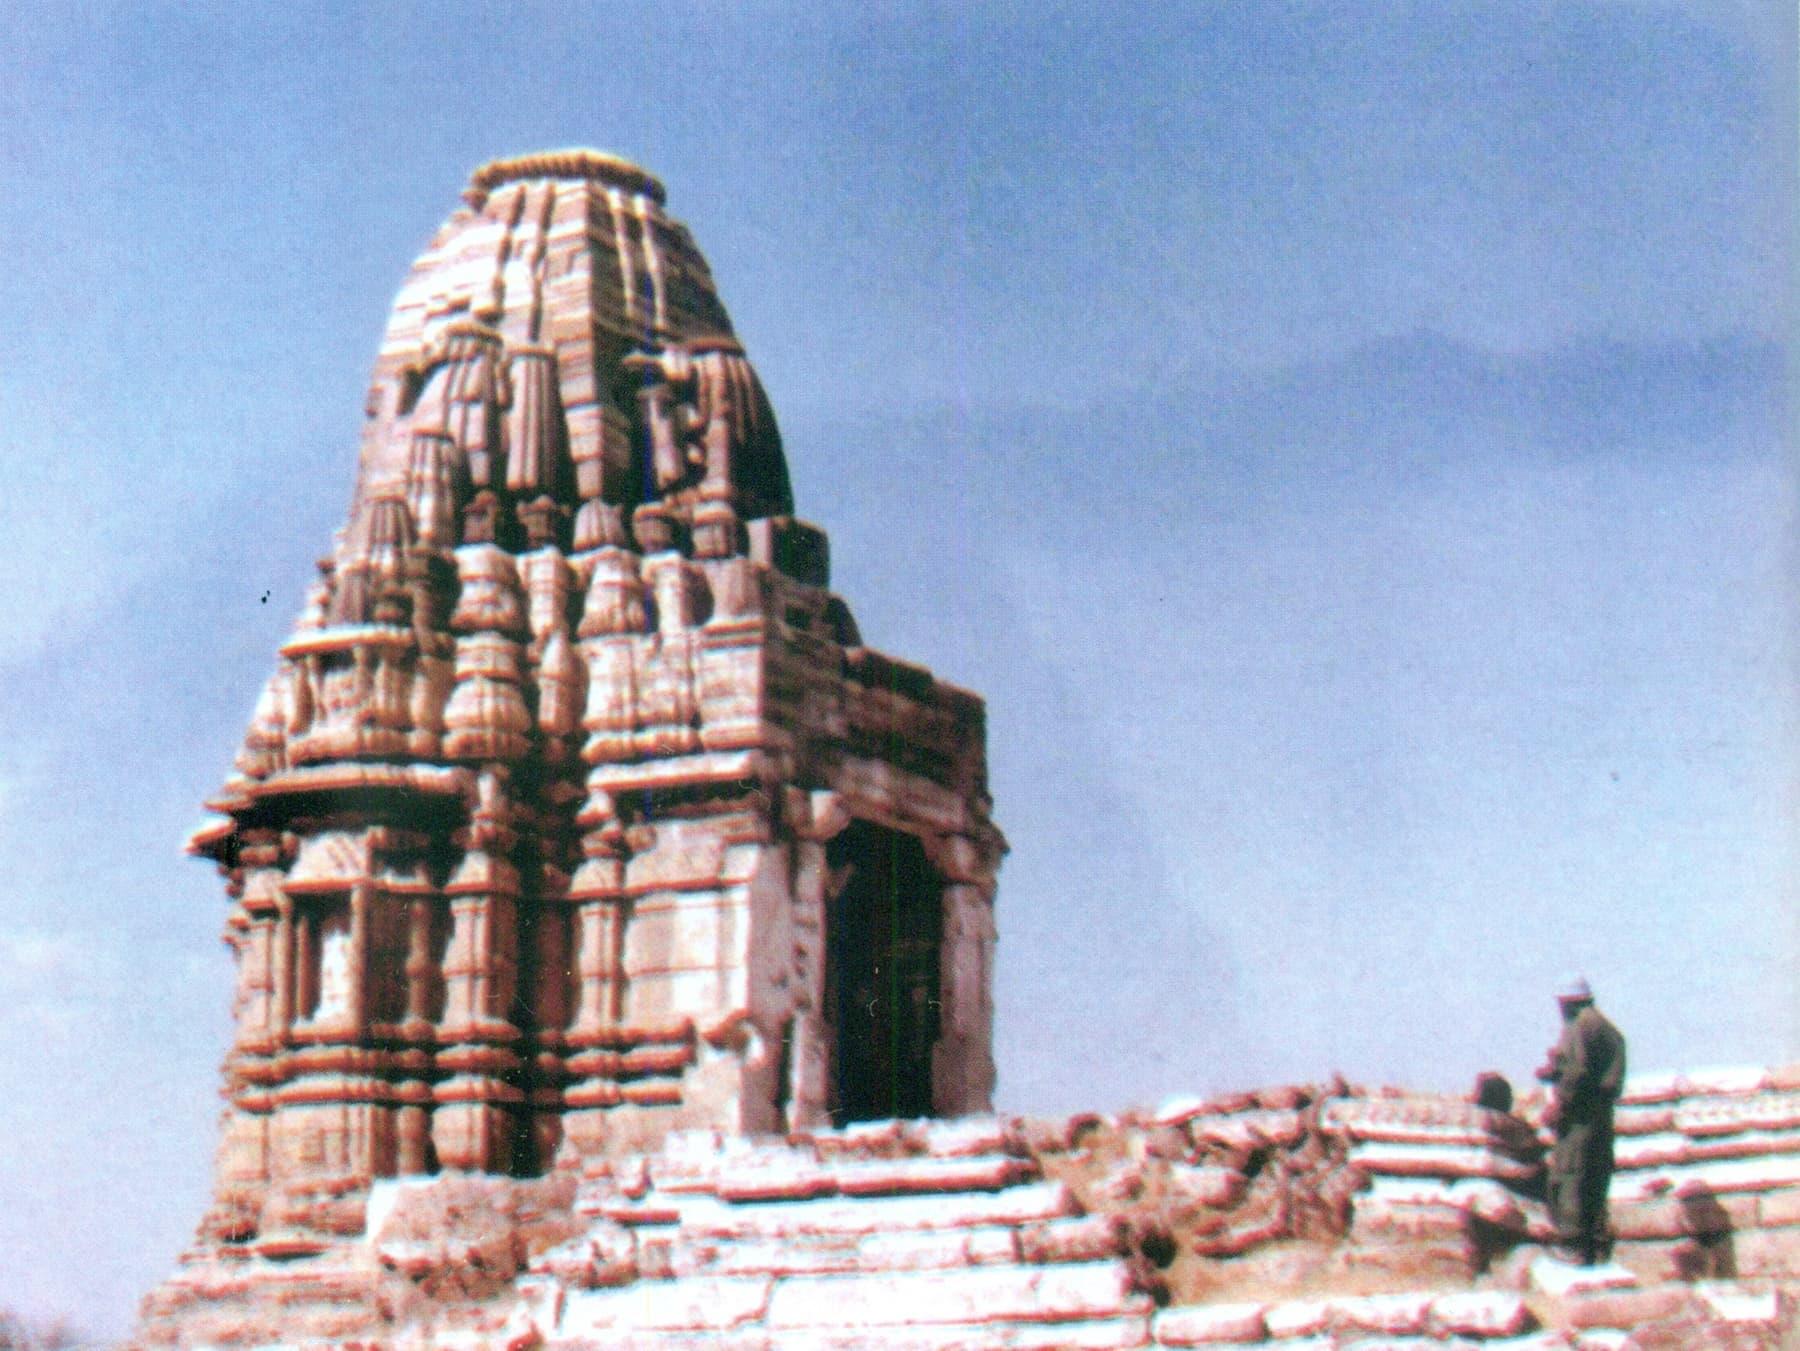 جین مندر کی 1991ء میں عکس بند کی جانے والی ایک تصویر—بشکریہ بدر ابڑو